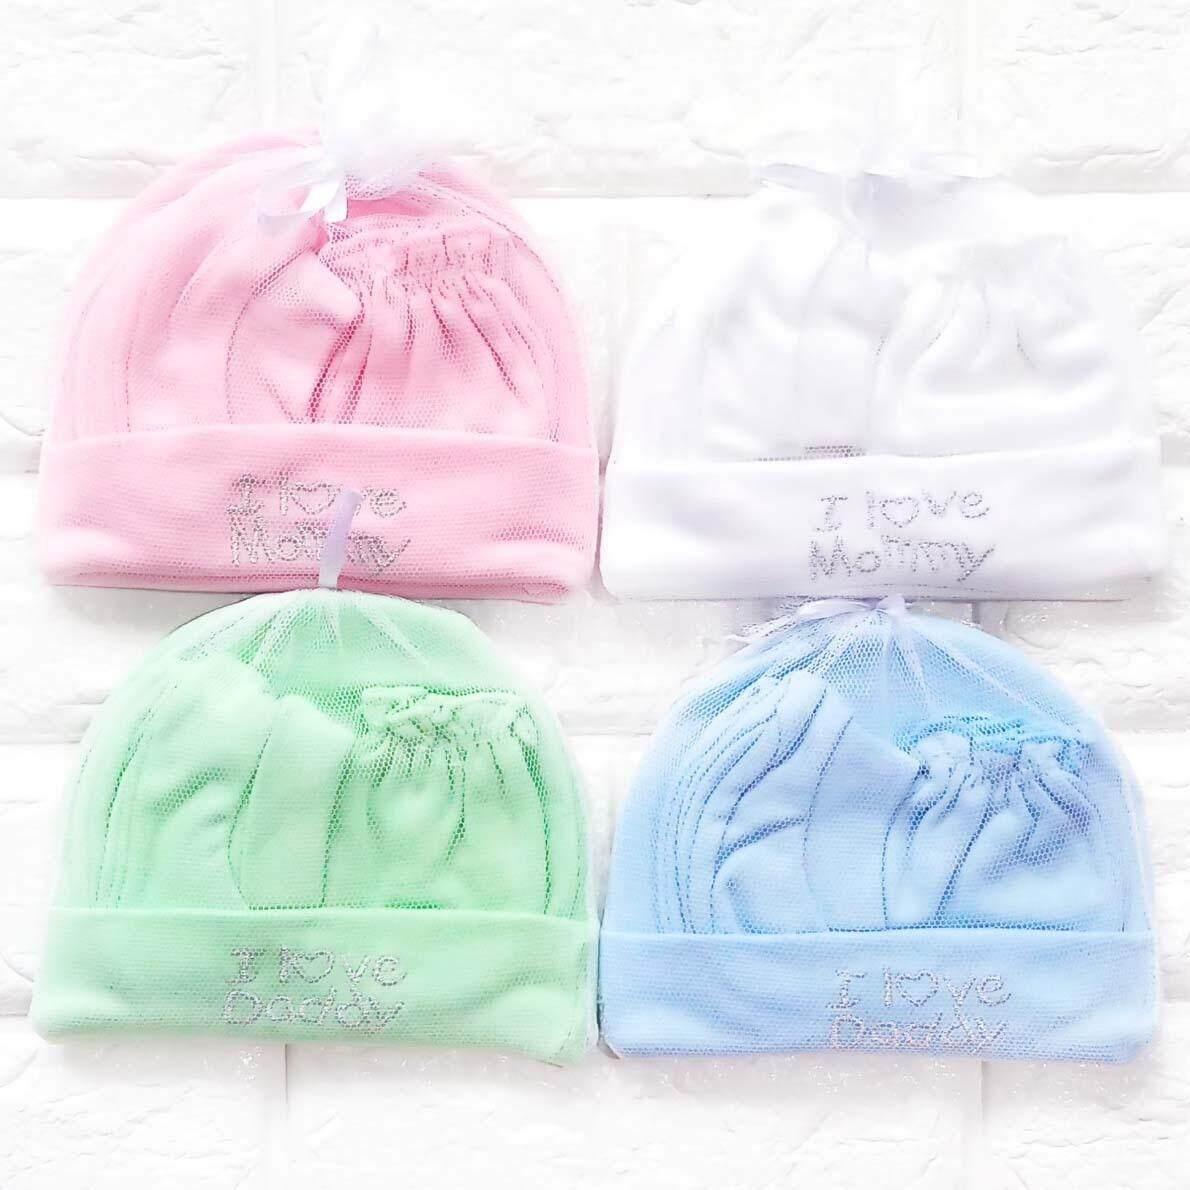 หมวก ถุงมือ ถุงเท้าเด็กอ่อน/เด็กแรกเกิด